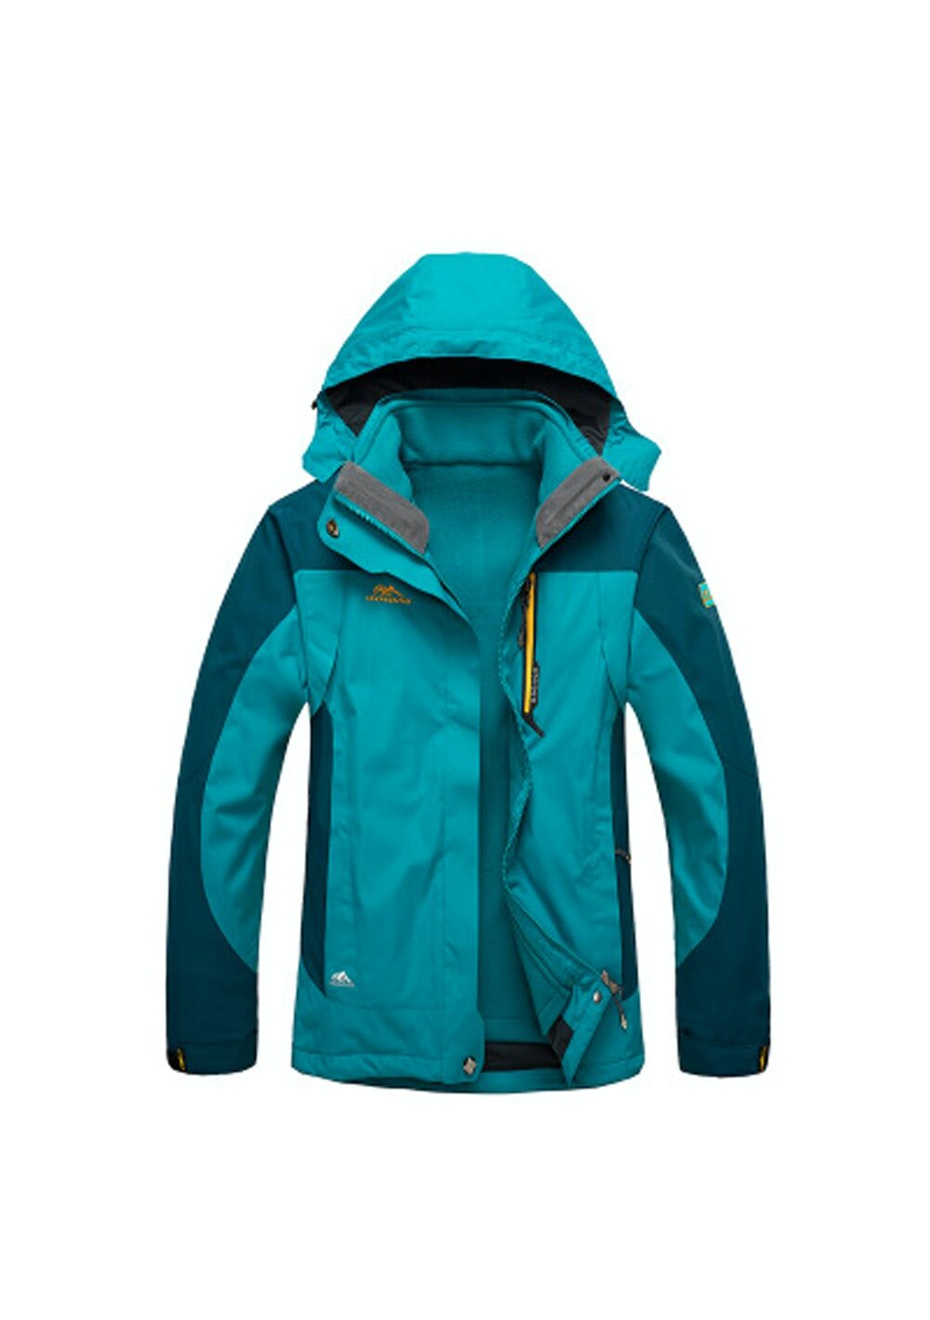 Women 2-in-1 WaterProof Jackets - Turquoise